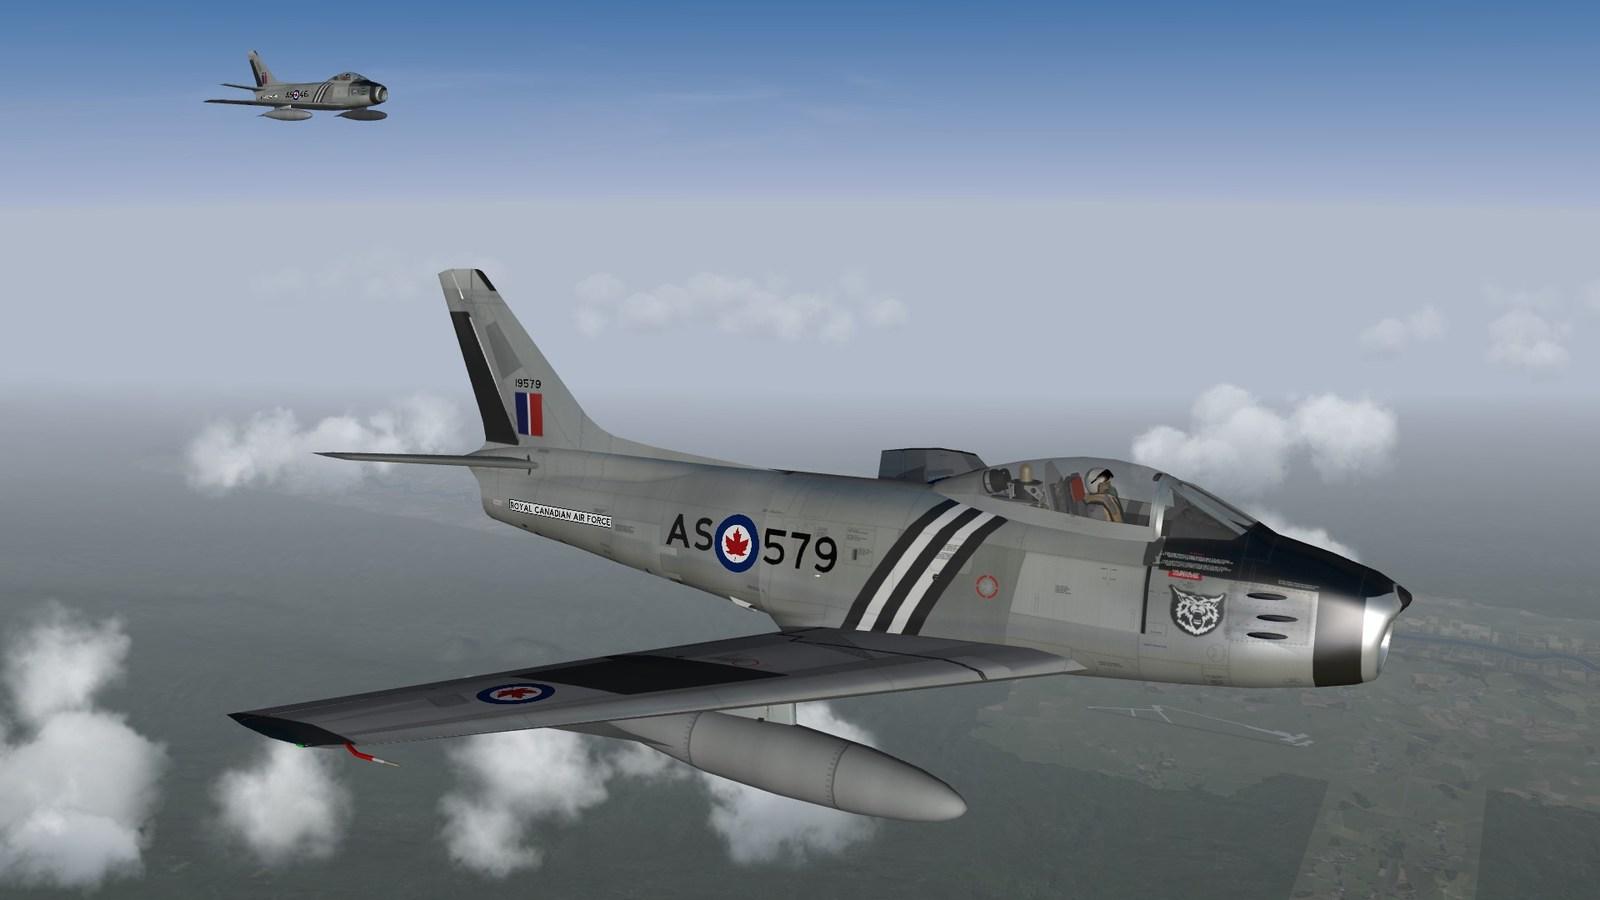 416 SQN Canadair Sabre